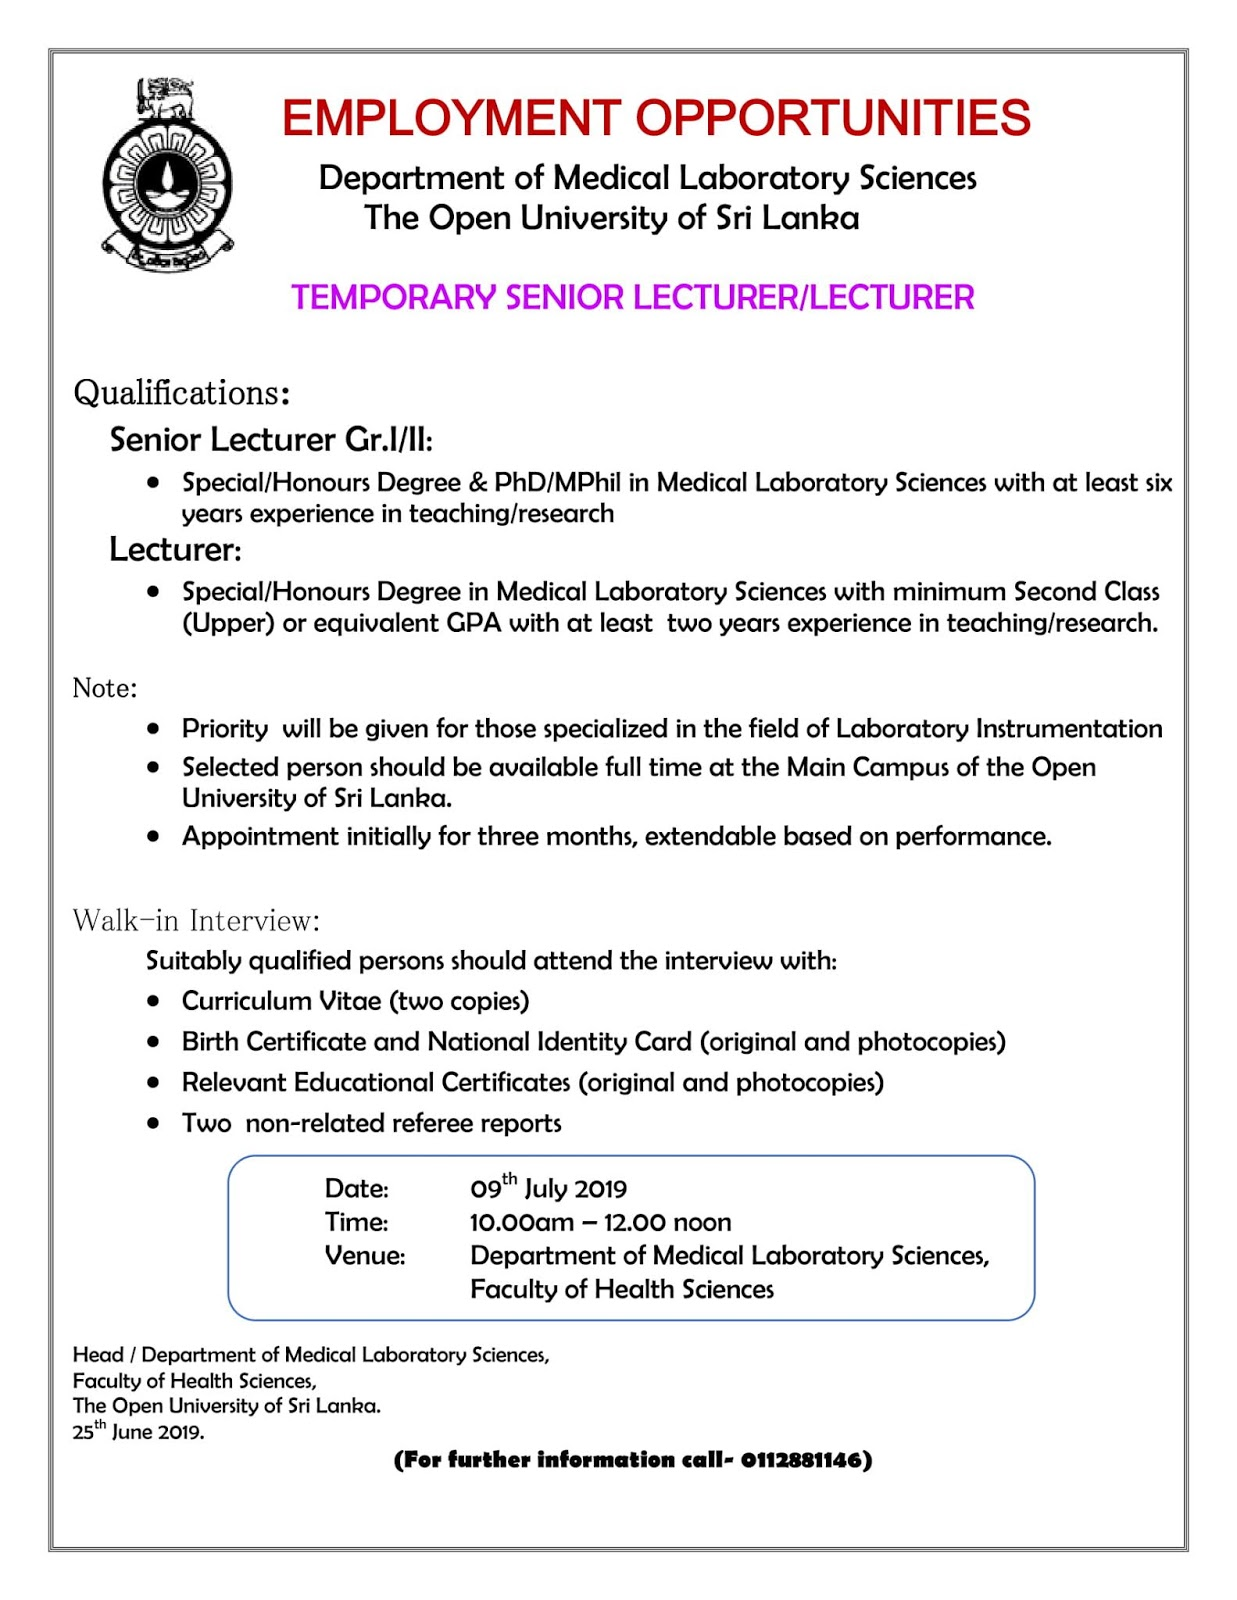 Vacances at Open University of Sri Lanka - Jobspot